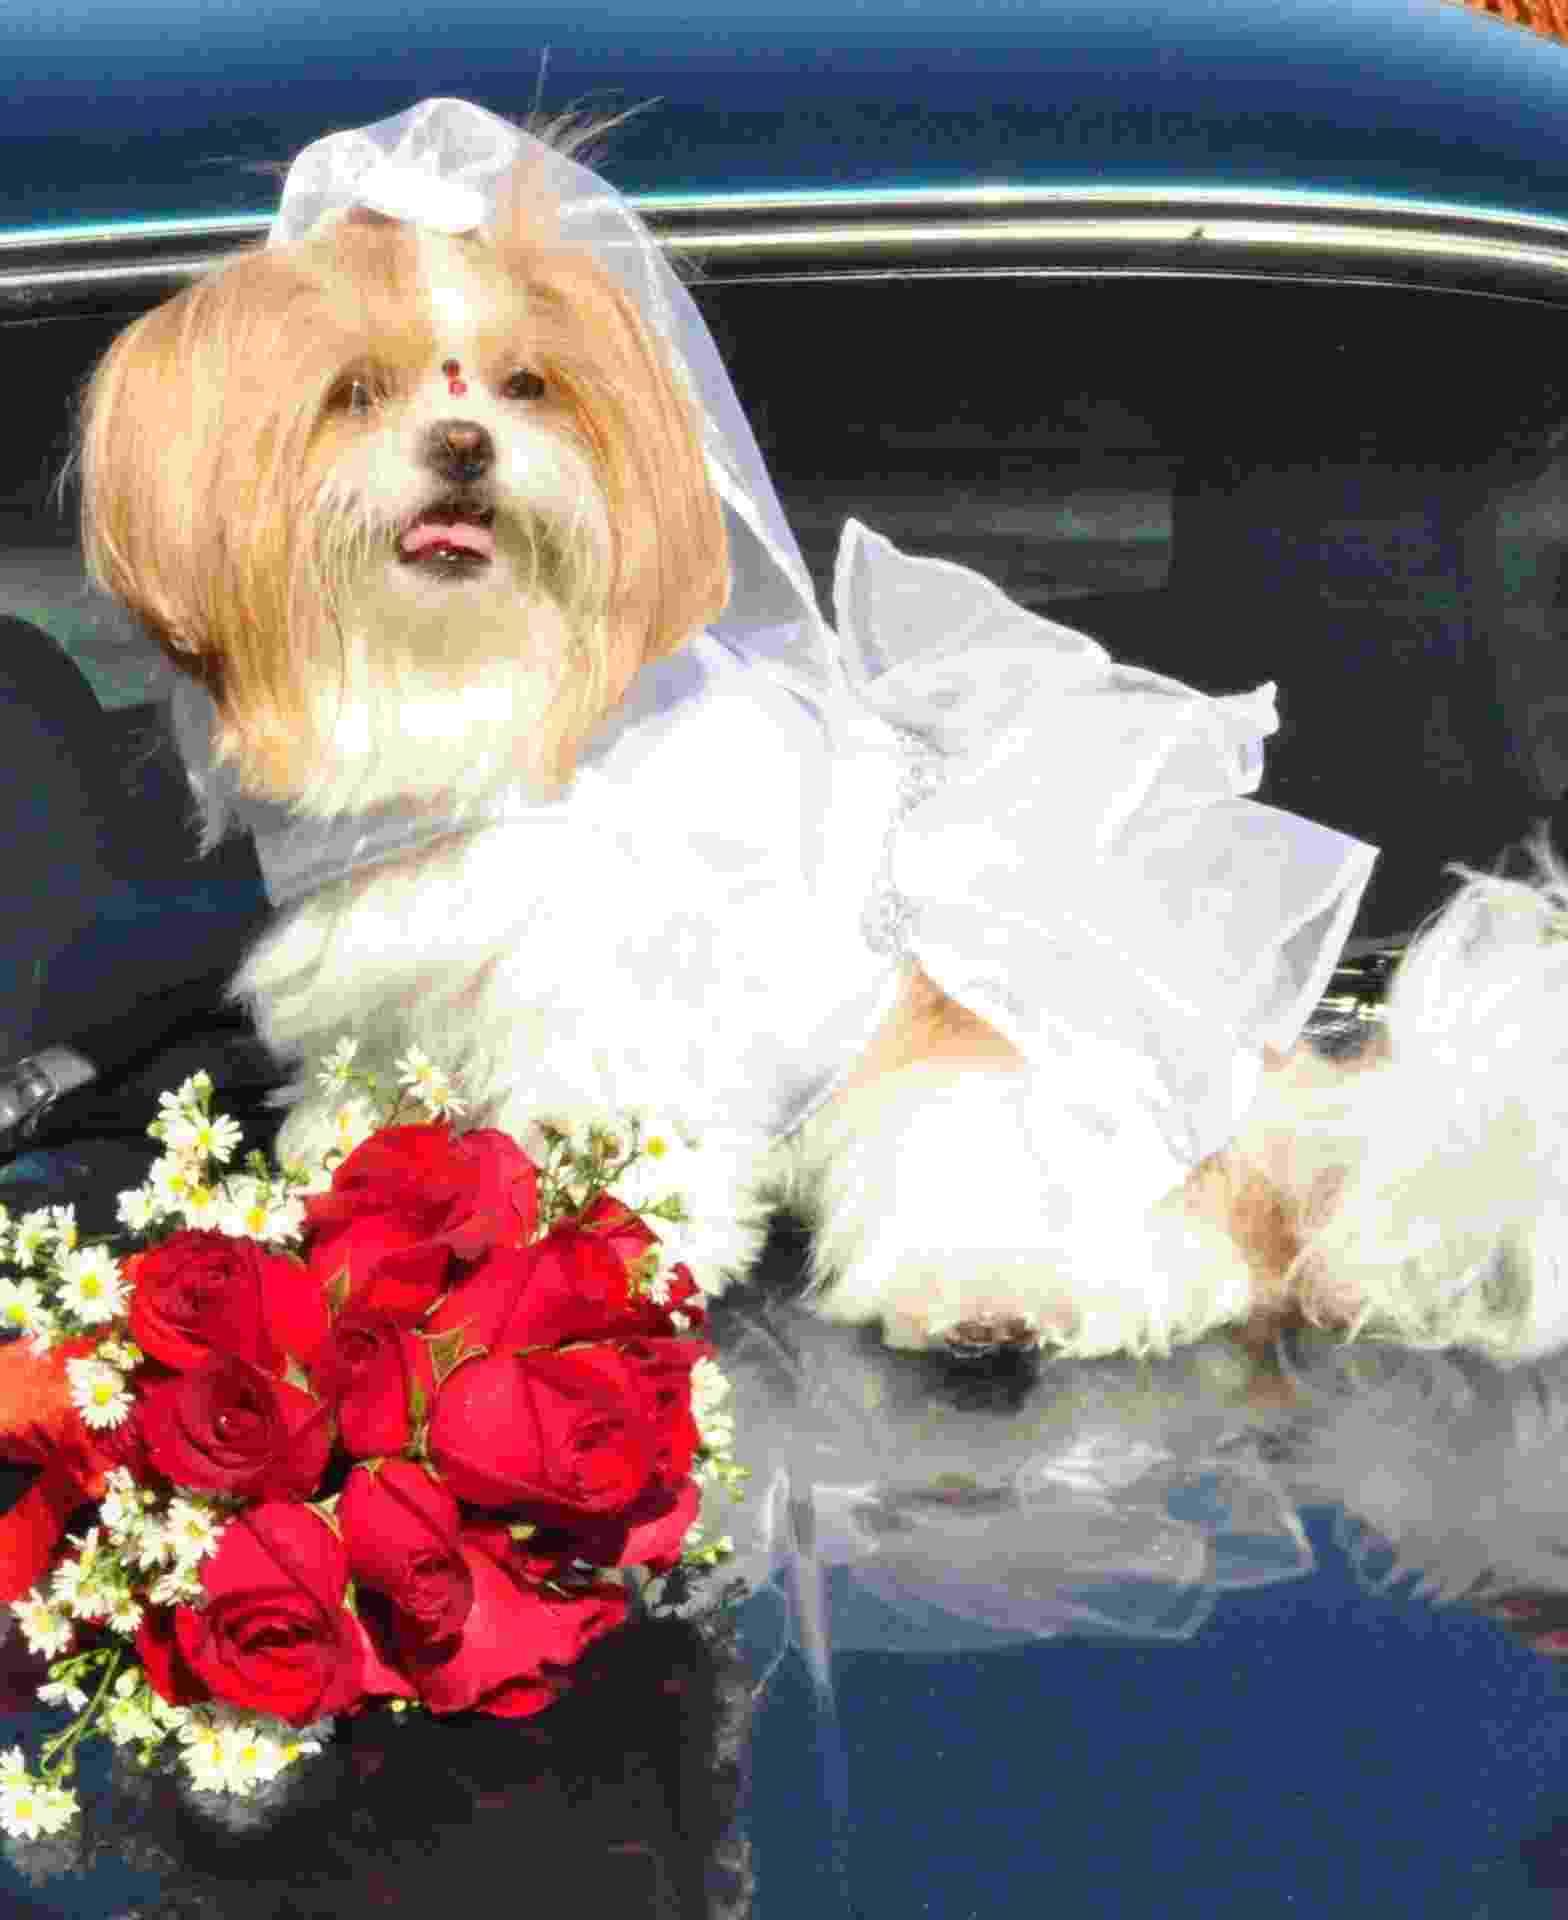 Vestido de noiva em cetim e organza, com laço véu. Da Legal Pra Cachorro - Divulgação